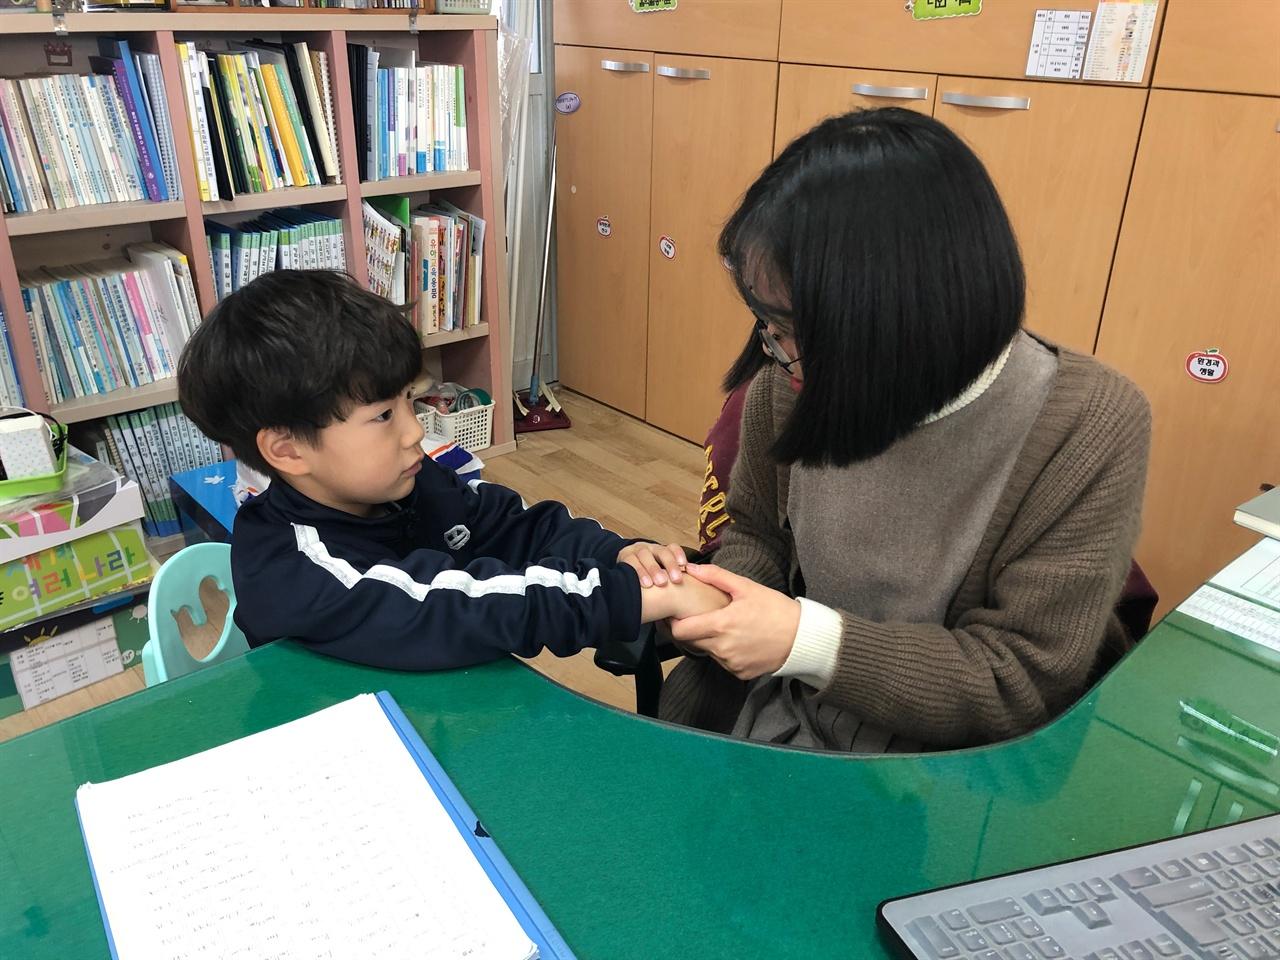 충남 서천의 시초초등학교병설유치원(교장 조성업) 권소현 교사는 유아의 성장과 발달을 체계적으로 측정하고 평가하기 위해 아이들과 특별한 대화 시간을 갖고 있다.